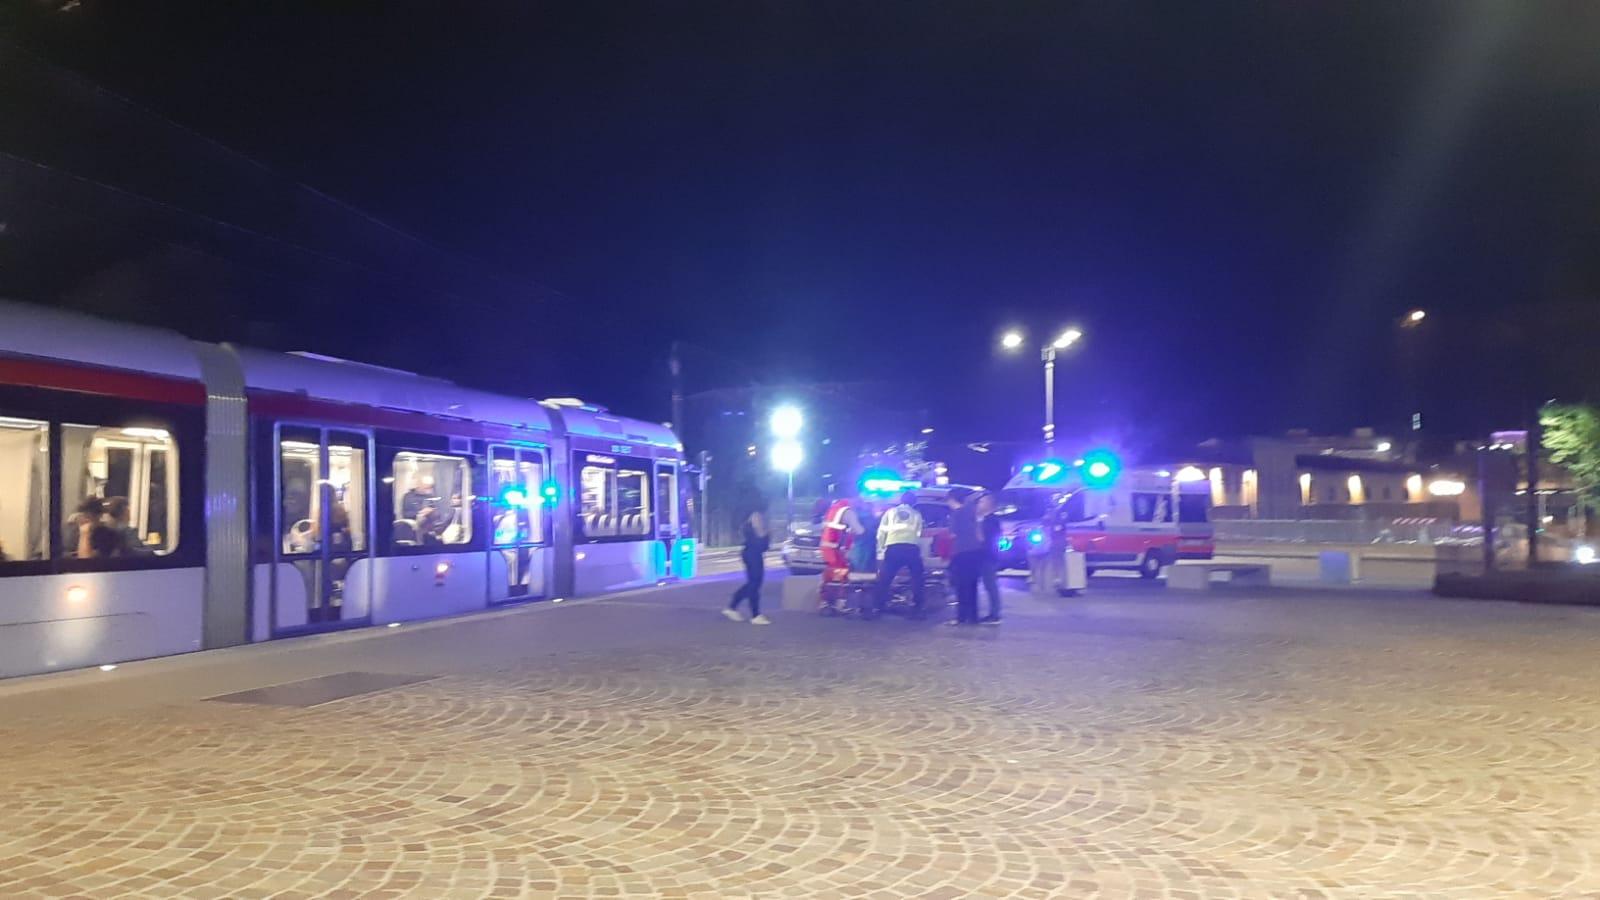 Due Infermieri e una studentessa in Medicina salvano passeggero in tramvia. Eroi per caso.